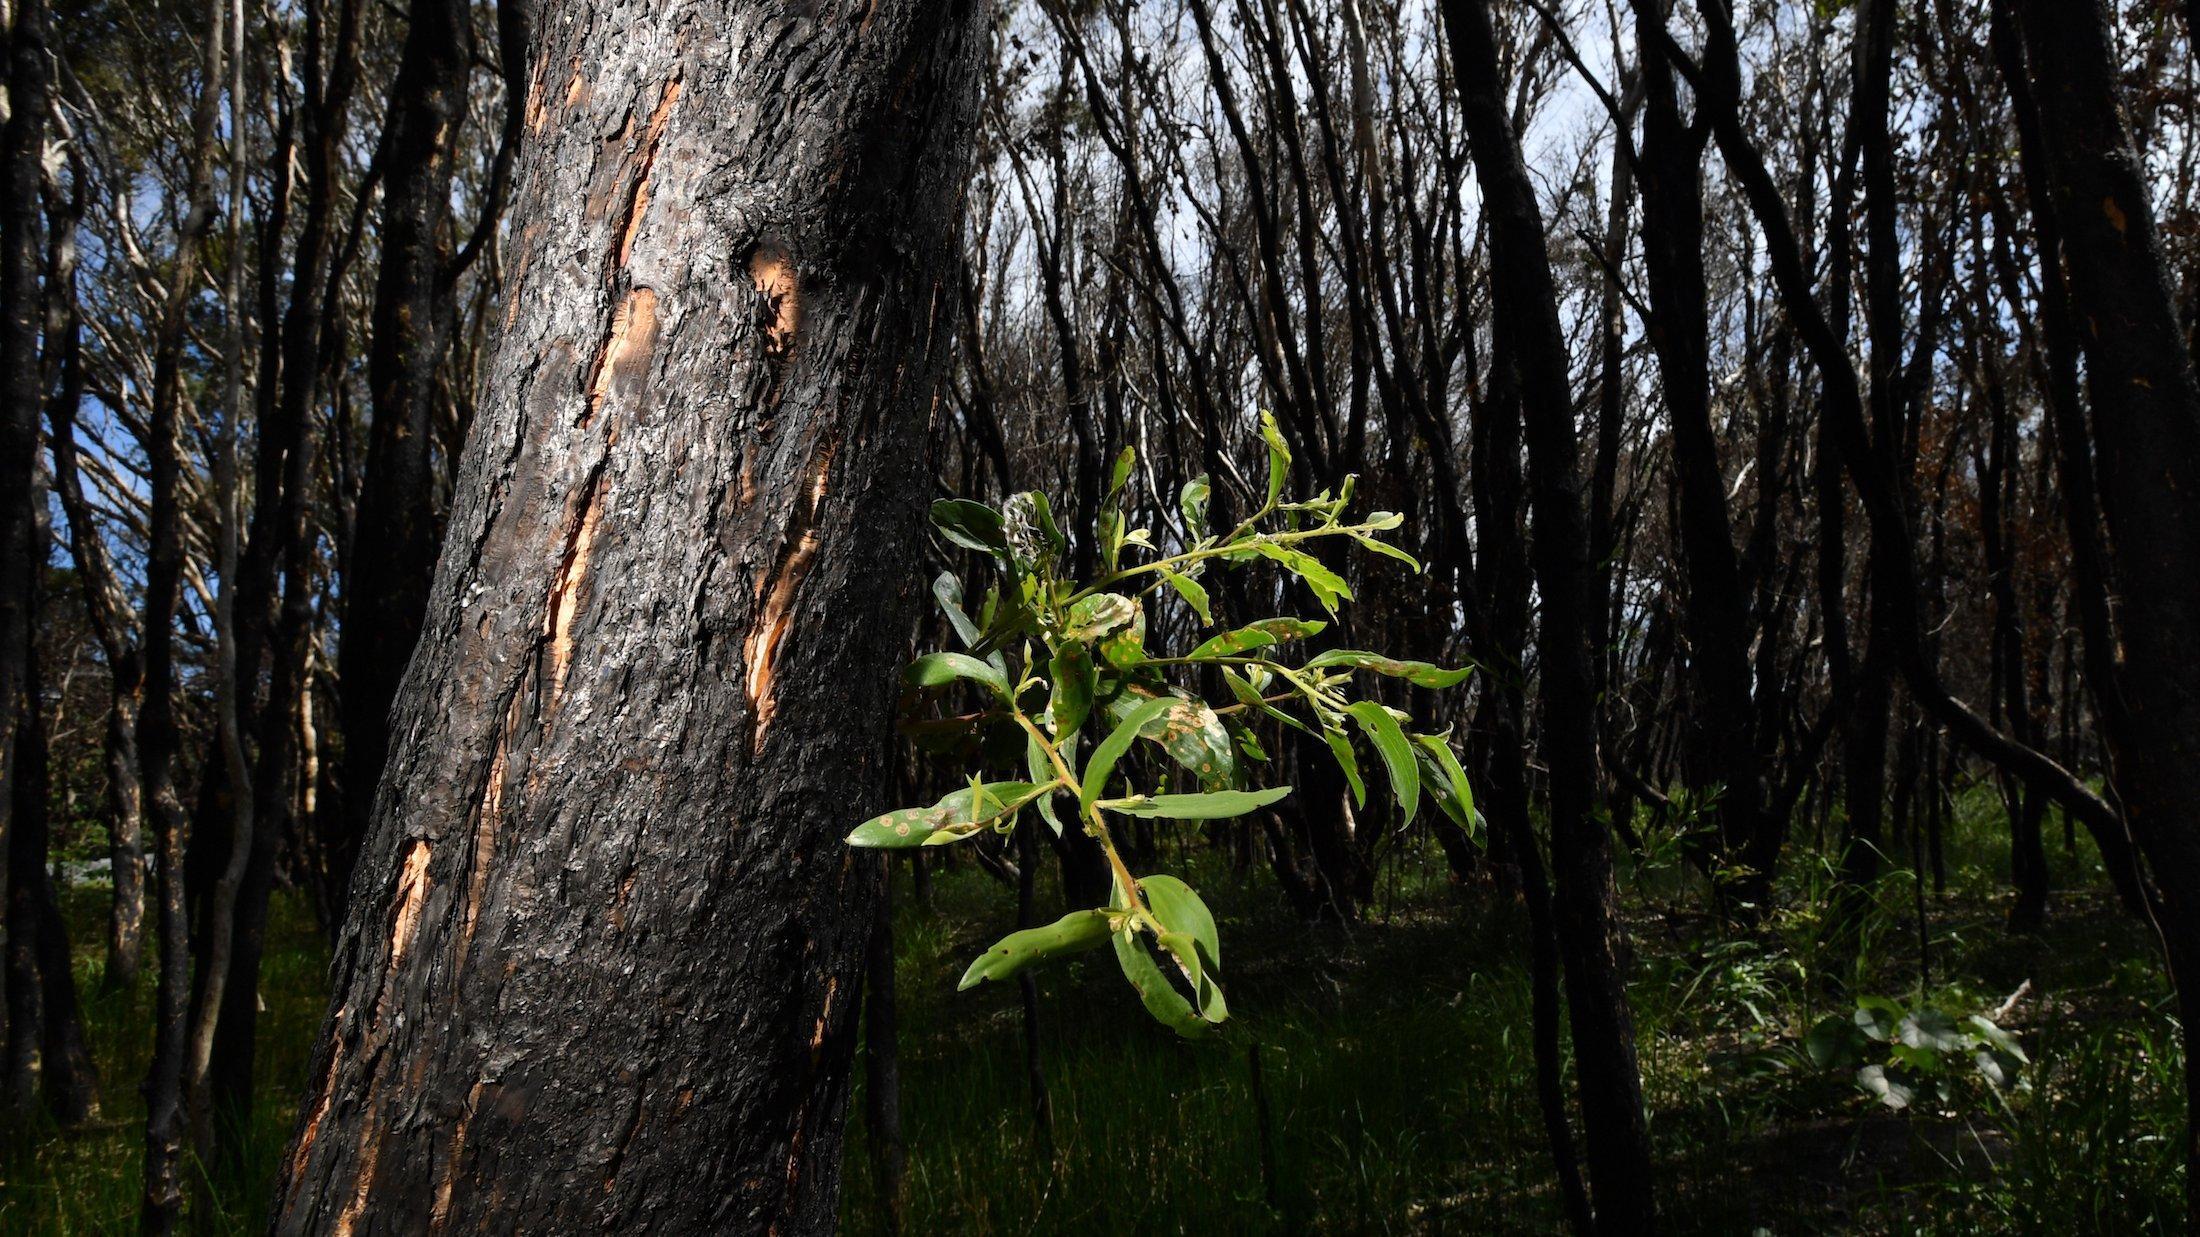 Das Bild zeigt einen vom Feuer komplett verkohlten Wald. Aber aus einem Baum wächst ein kleiner grüner Zweig heraus, wie ein Zeichen der Hoffnung.